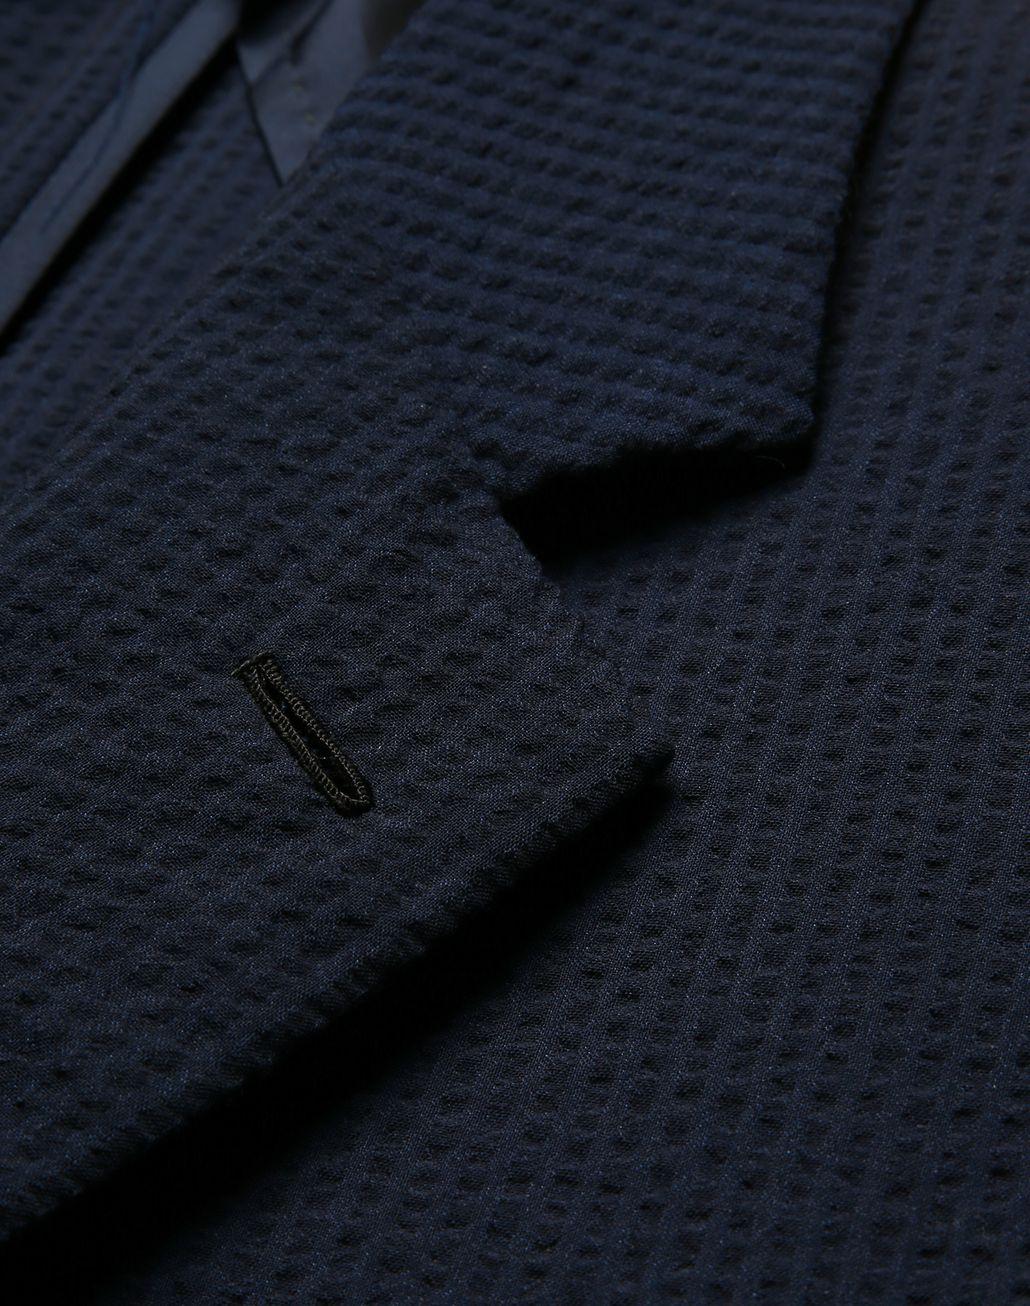 BRIONI Navy Blue Seer Sucker Celio Suit Suits & Jackets Man e